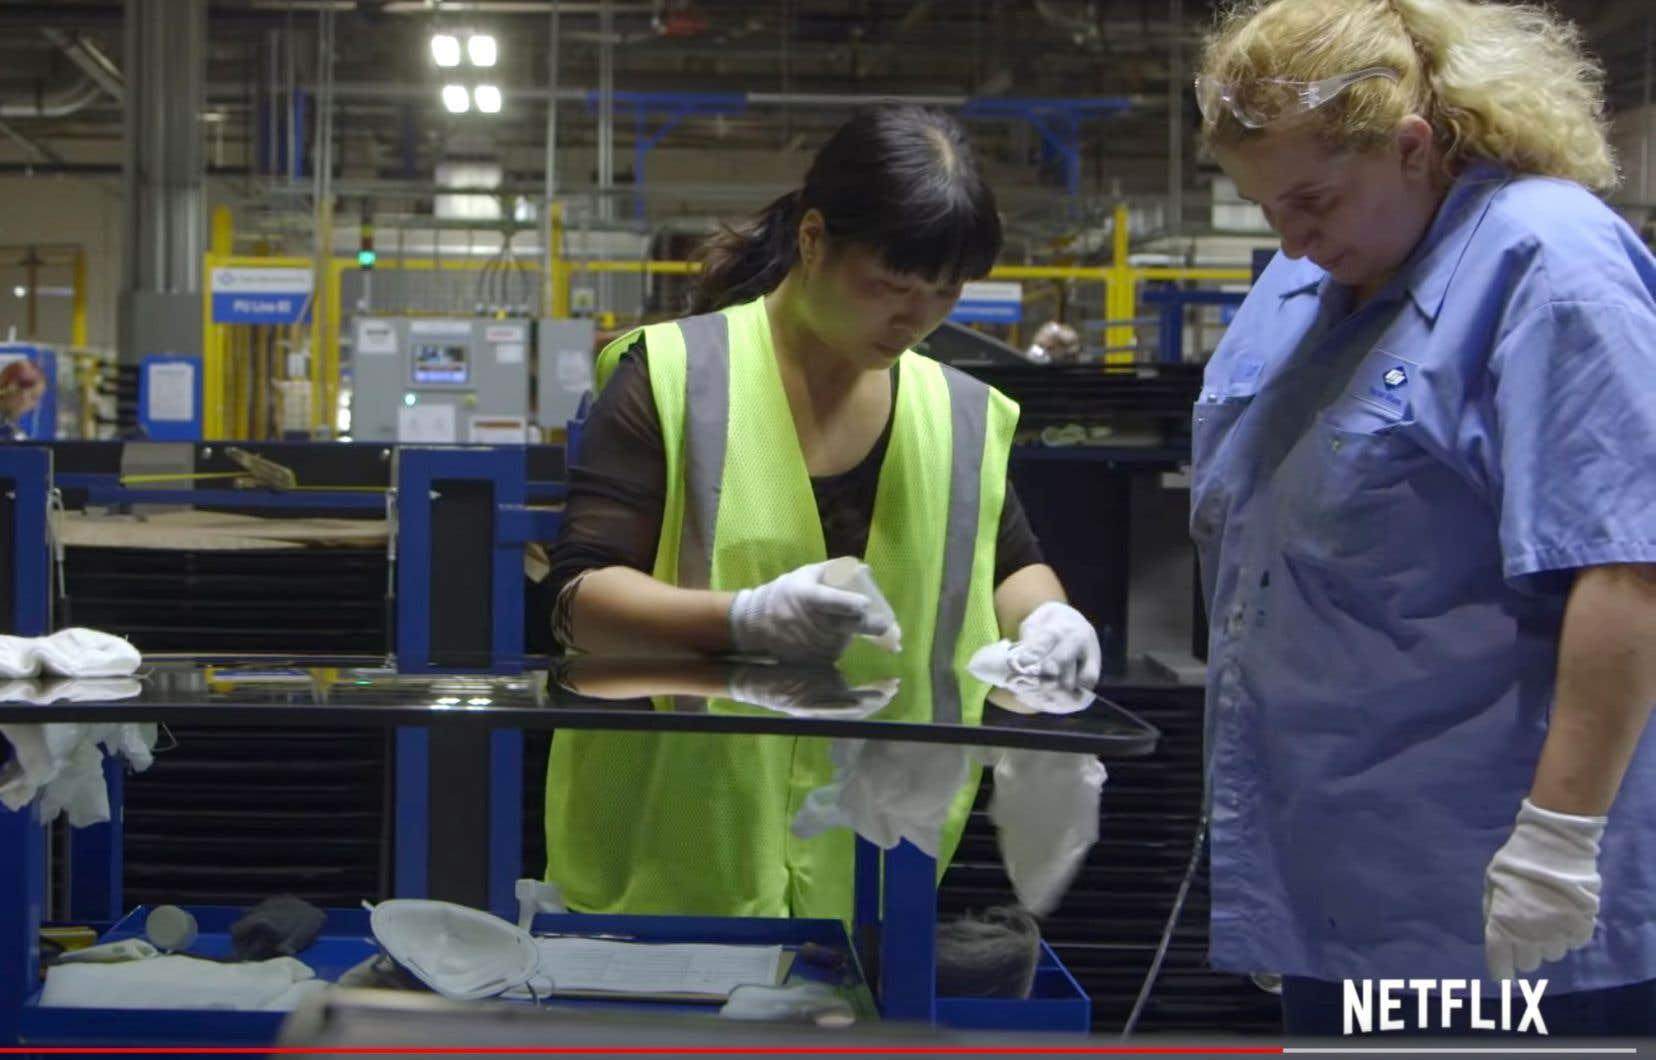 «American Factory»dépeint la joie initialement suscitée par la reprise de l'activité et le retour de milliers d'emplois dans une zone sinistrée.